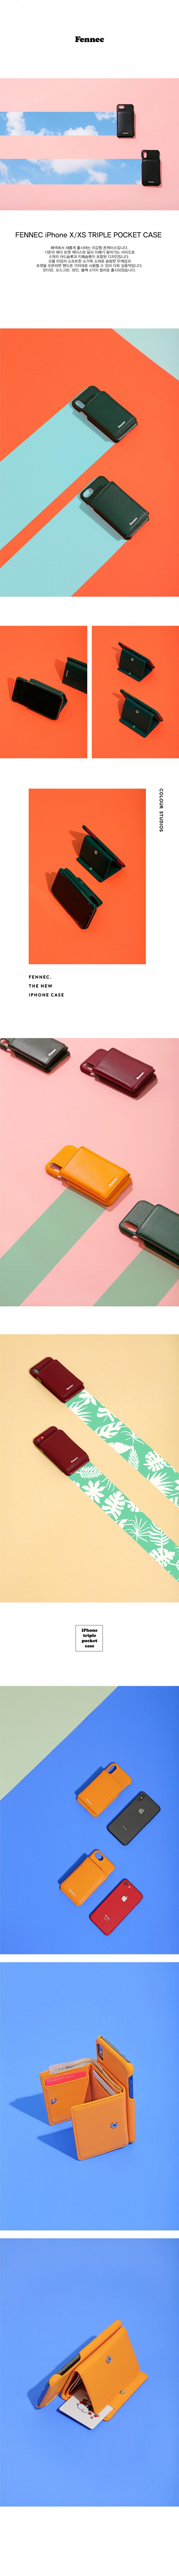 페넥(FENNEC) LEATHER iPHONE X/XS TRIPLE POCKET CASE - BLACK